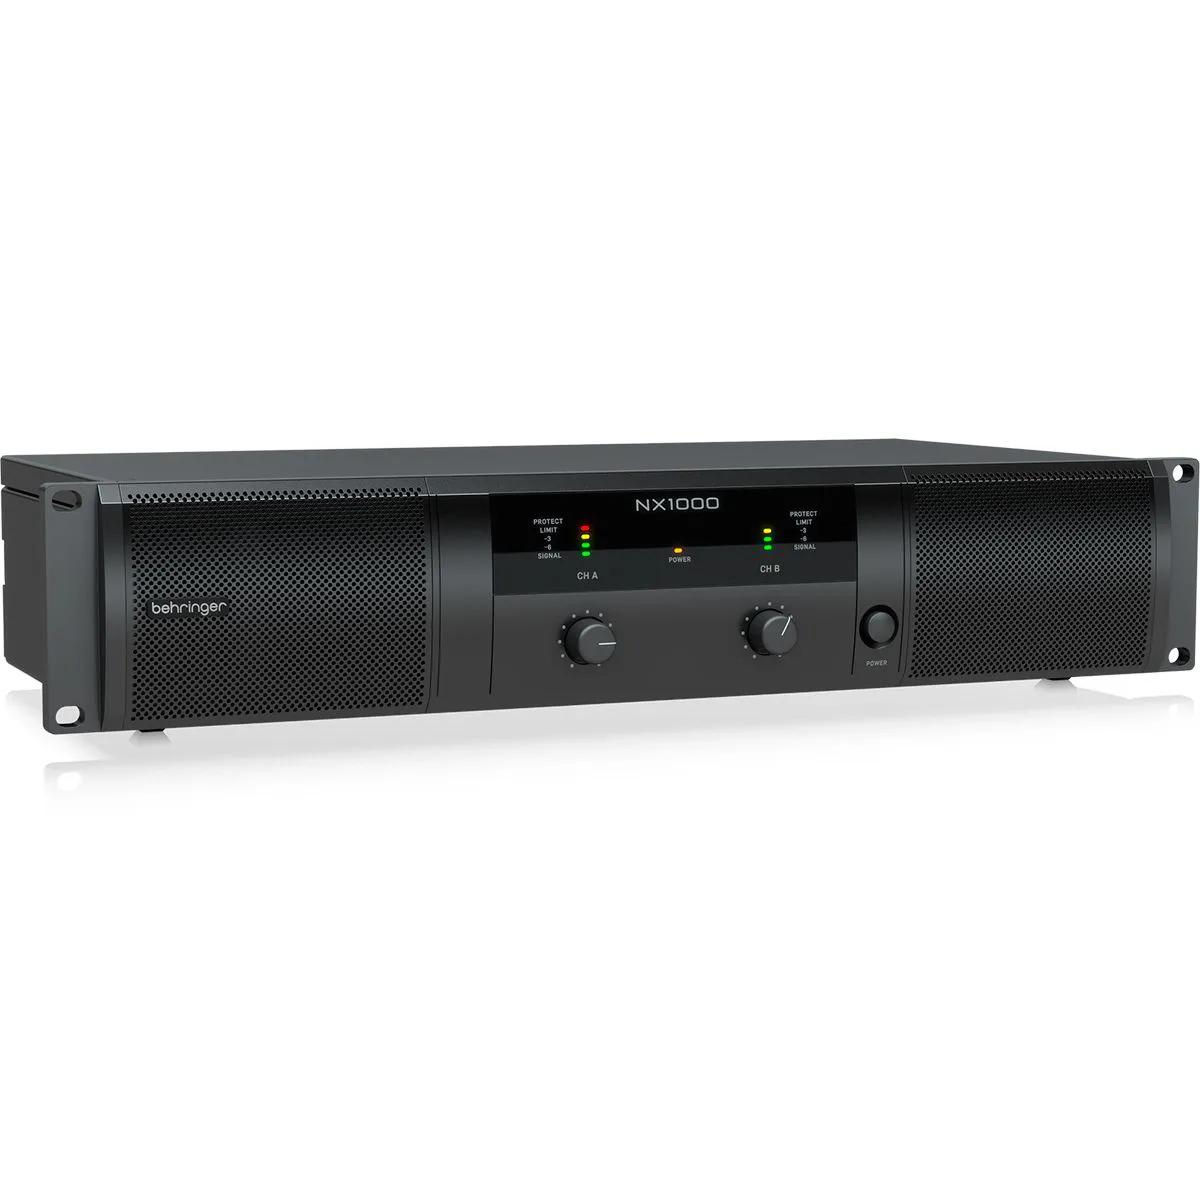 Amplificador de Potência Behringer NX1000 1000W 2 Canais